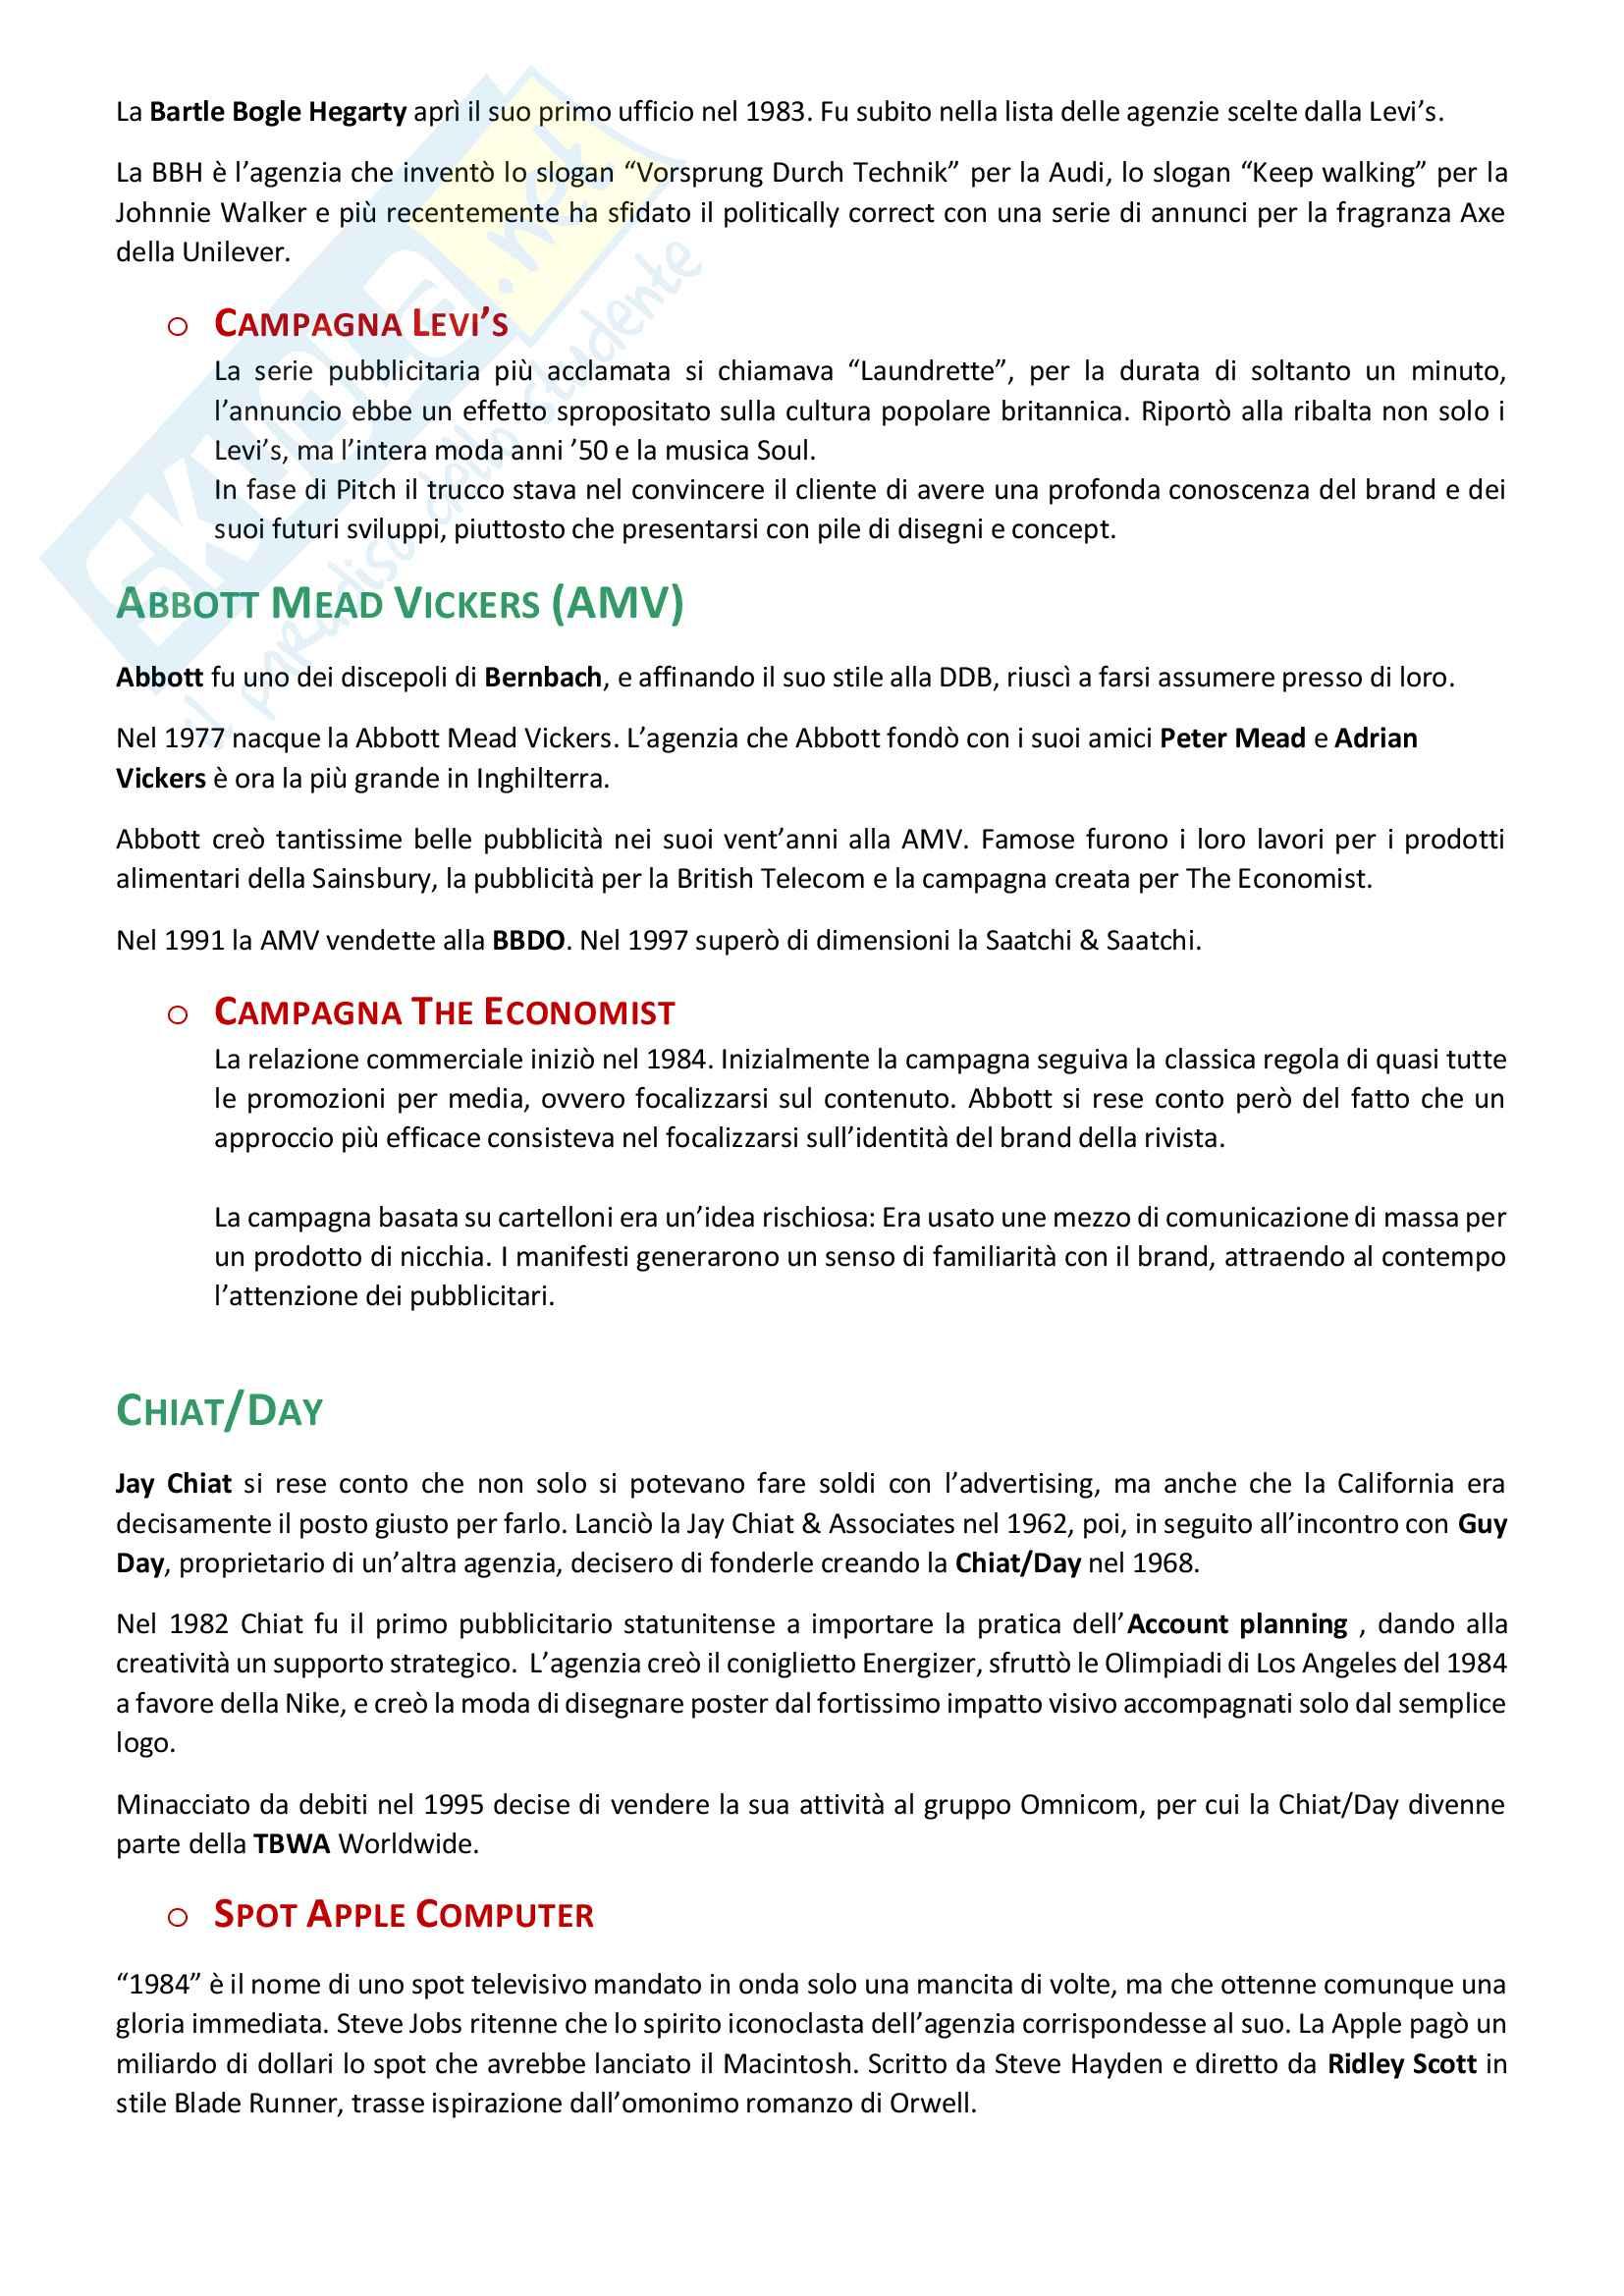 Appunti esame: Strategie della comunicazione pubblicitaria Pag. 11